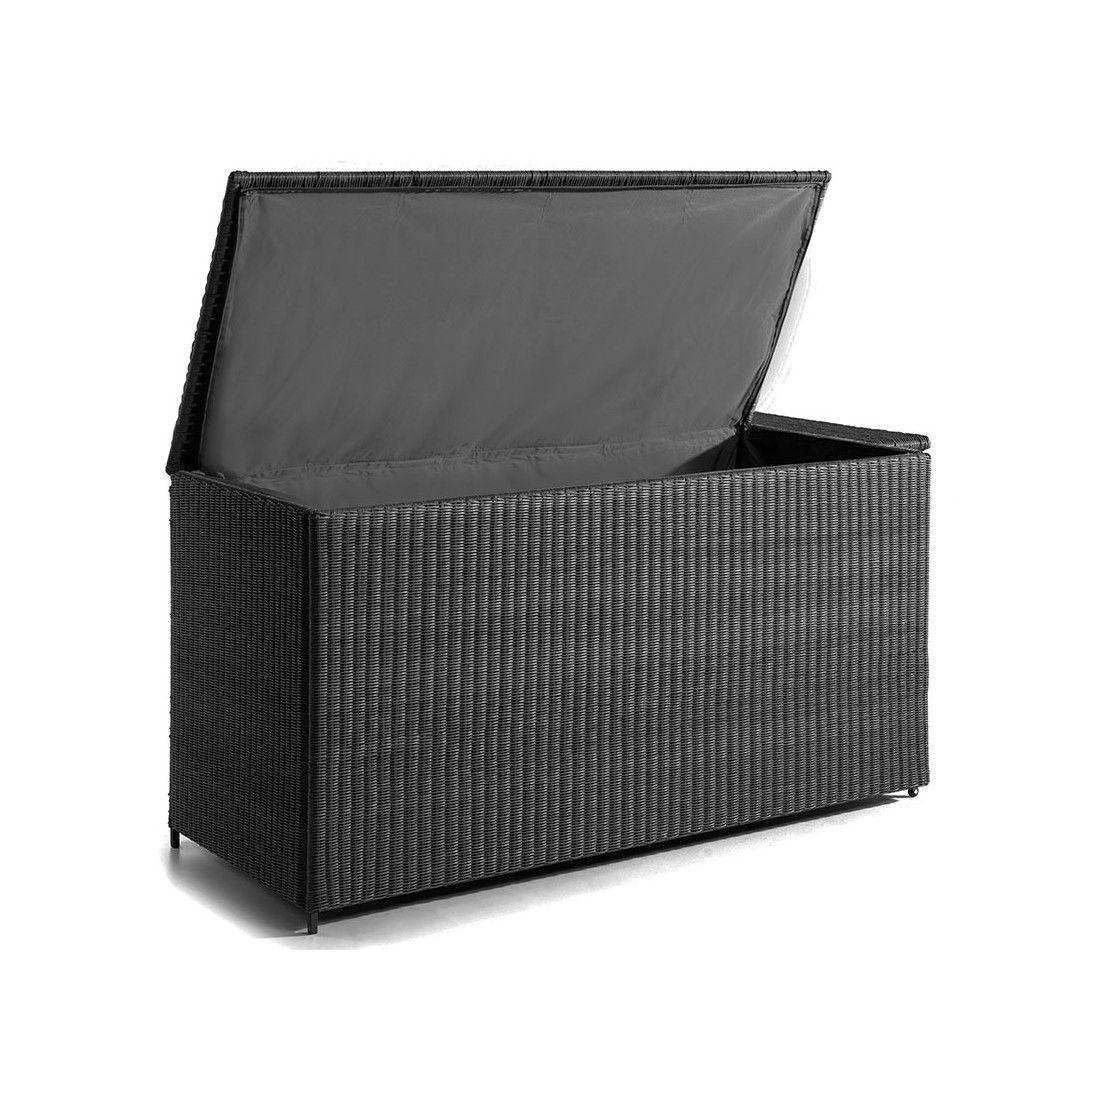 Coffre de rangement extérieur 160 cm aluminium et résine tressée noire, Firenze